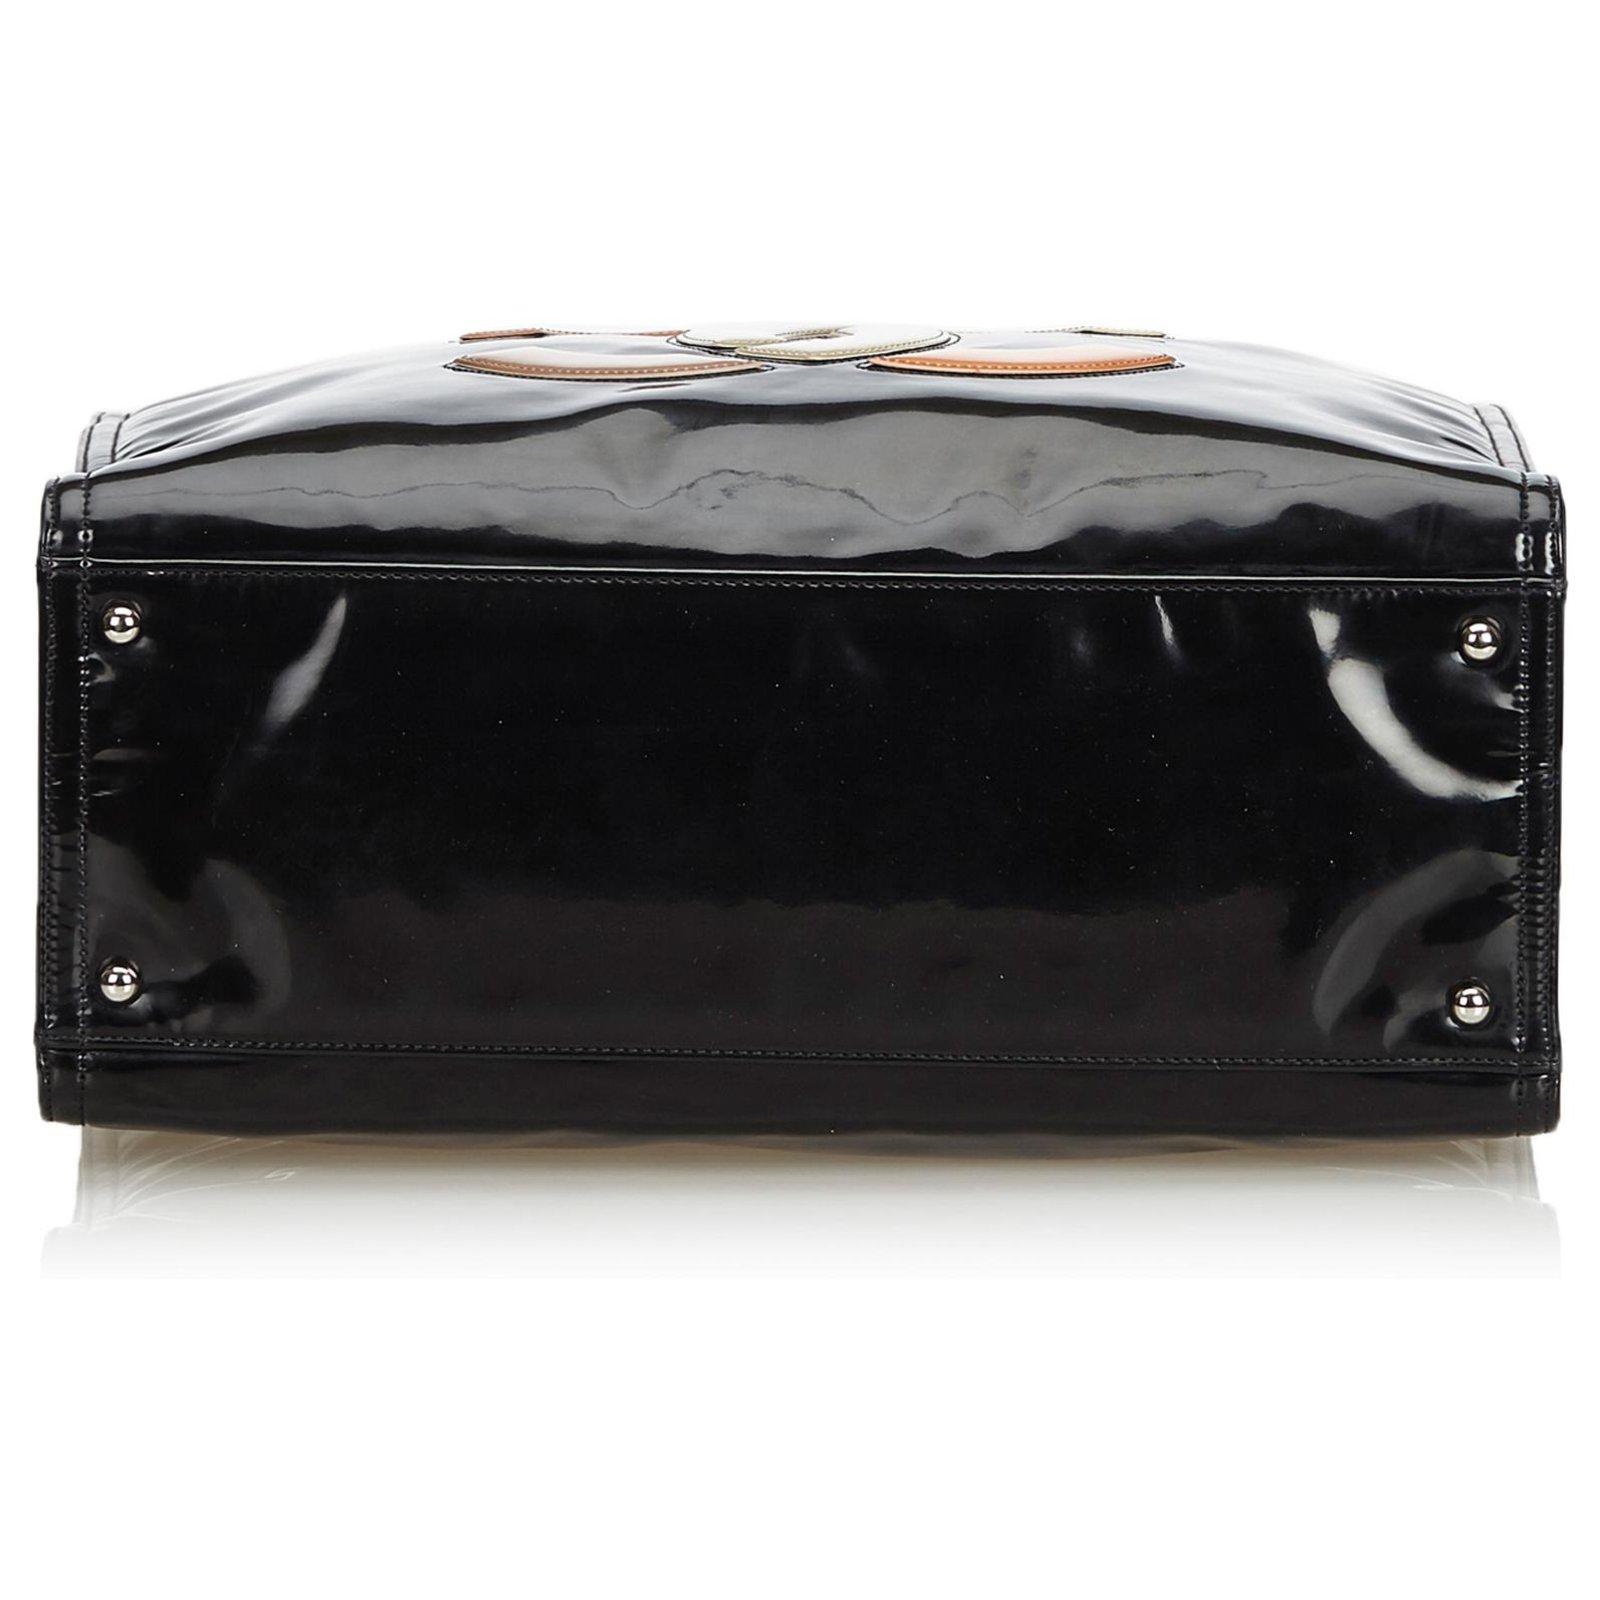 5d94d88362ab49 Chanel Chanel Black Patent Leather Lipstick Tote Bag Totes Leather,Patent  leather,Lambskin Black,Multiple colors ref.126271 - Joli Closet